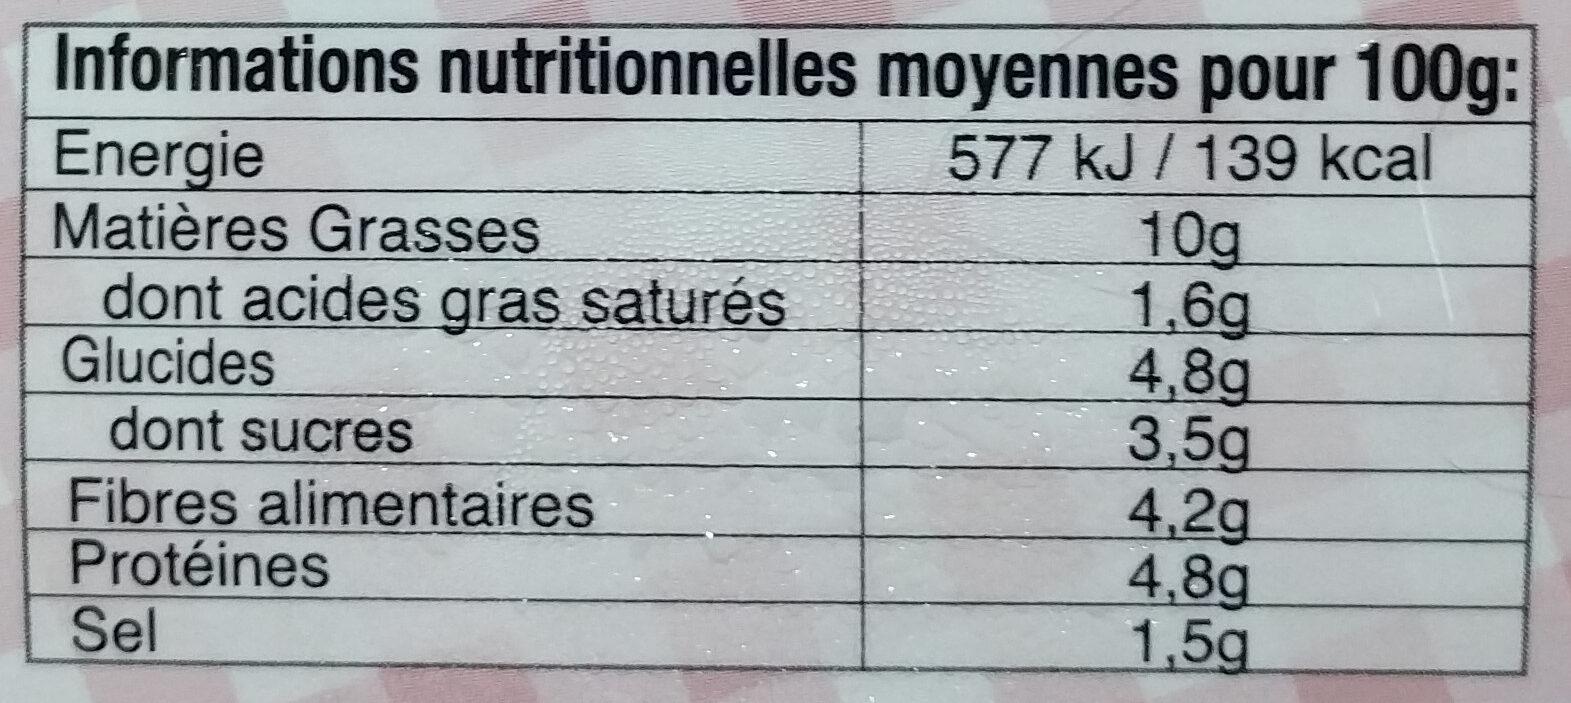 baba ganouj - Informations nutritionnelles - fr